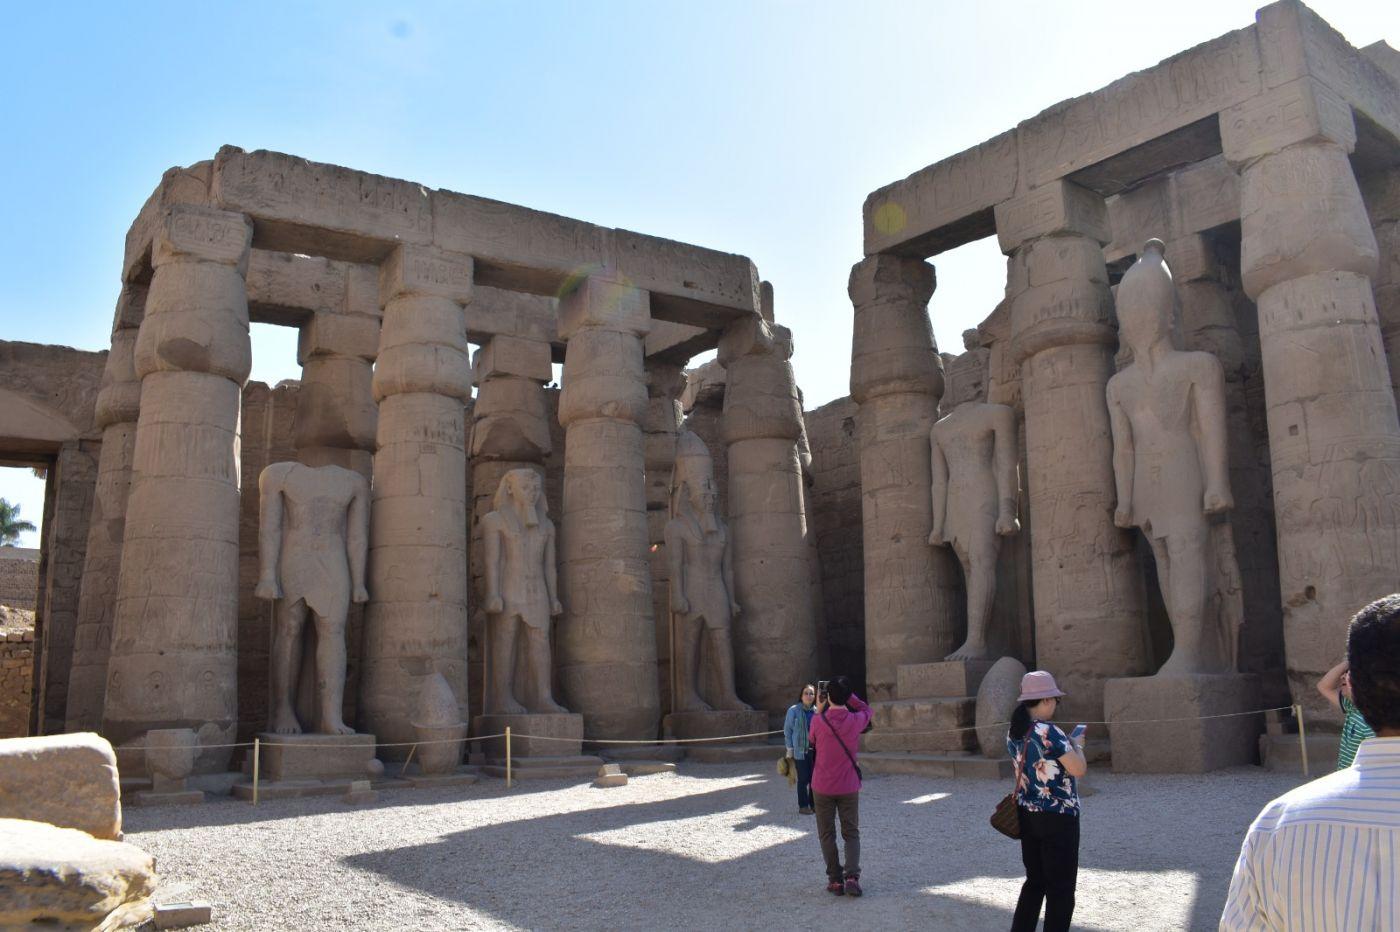 埃德富神庙和卢克索神庙_图1-28